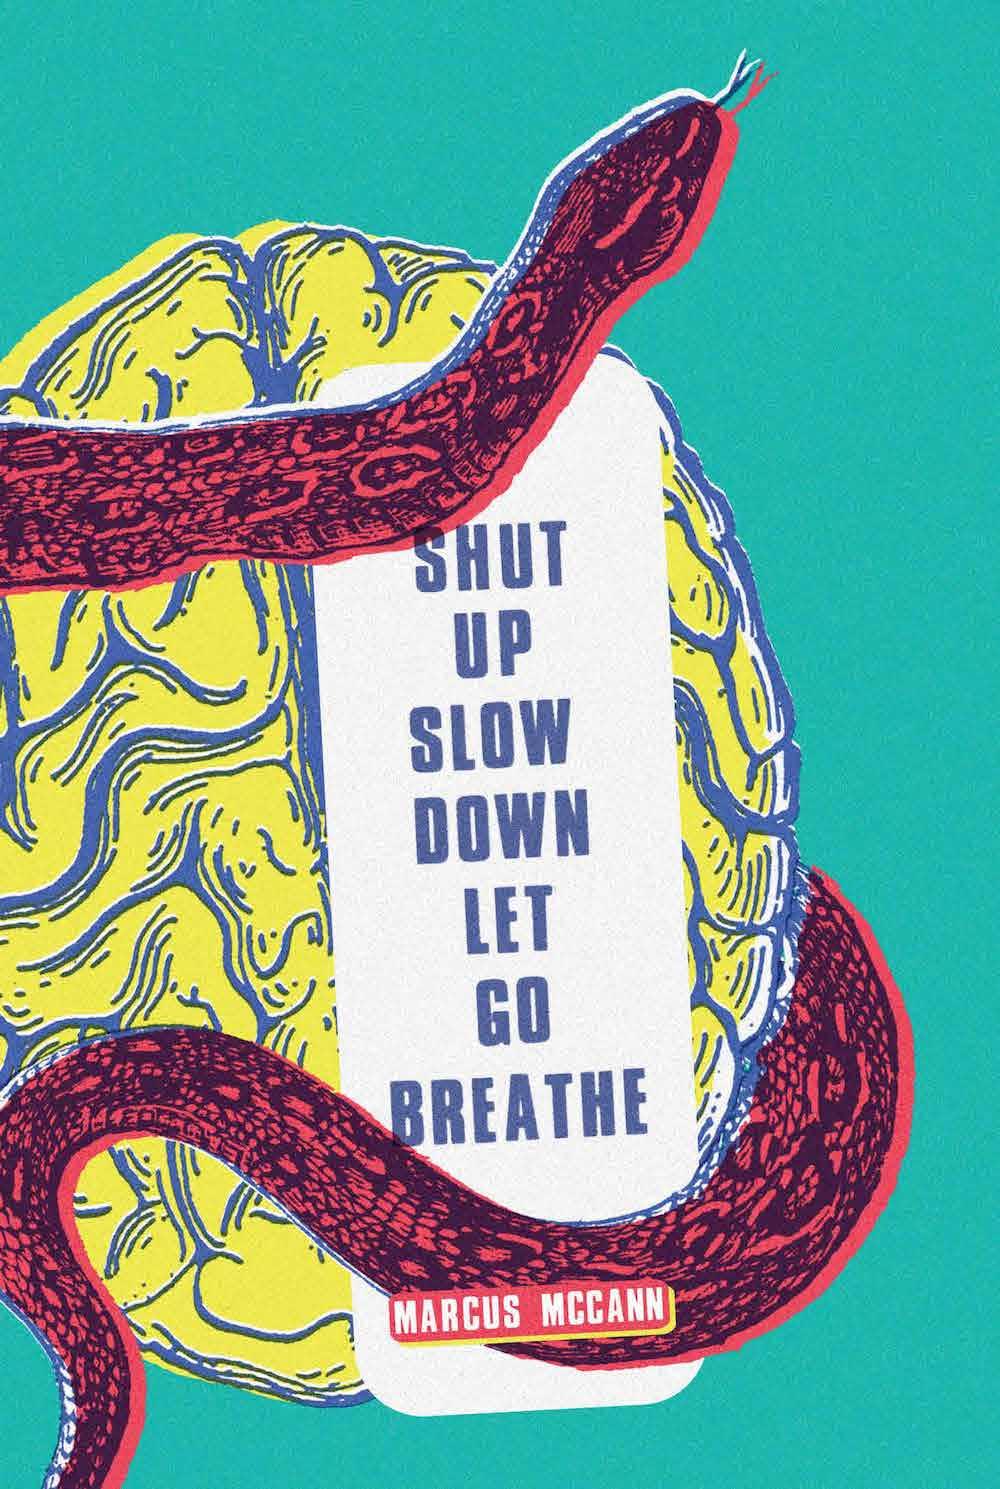 Shut Up Slow Down Let Go Breathe